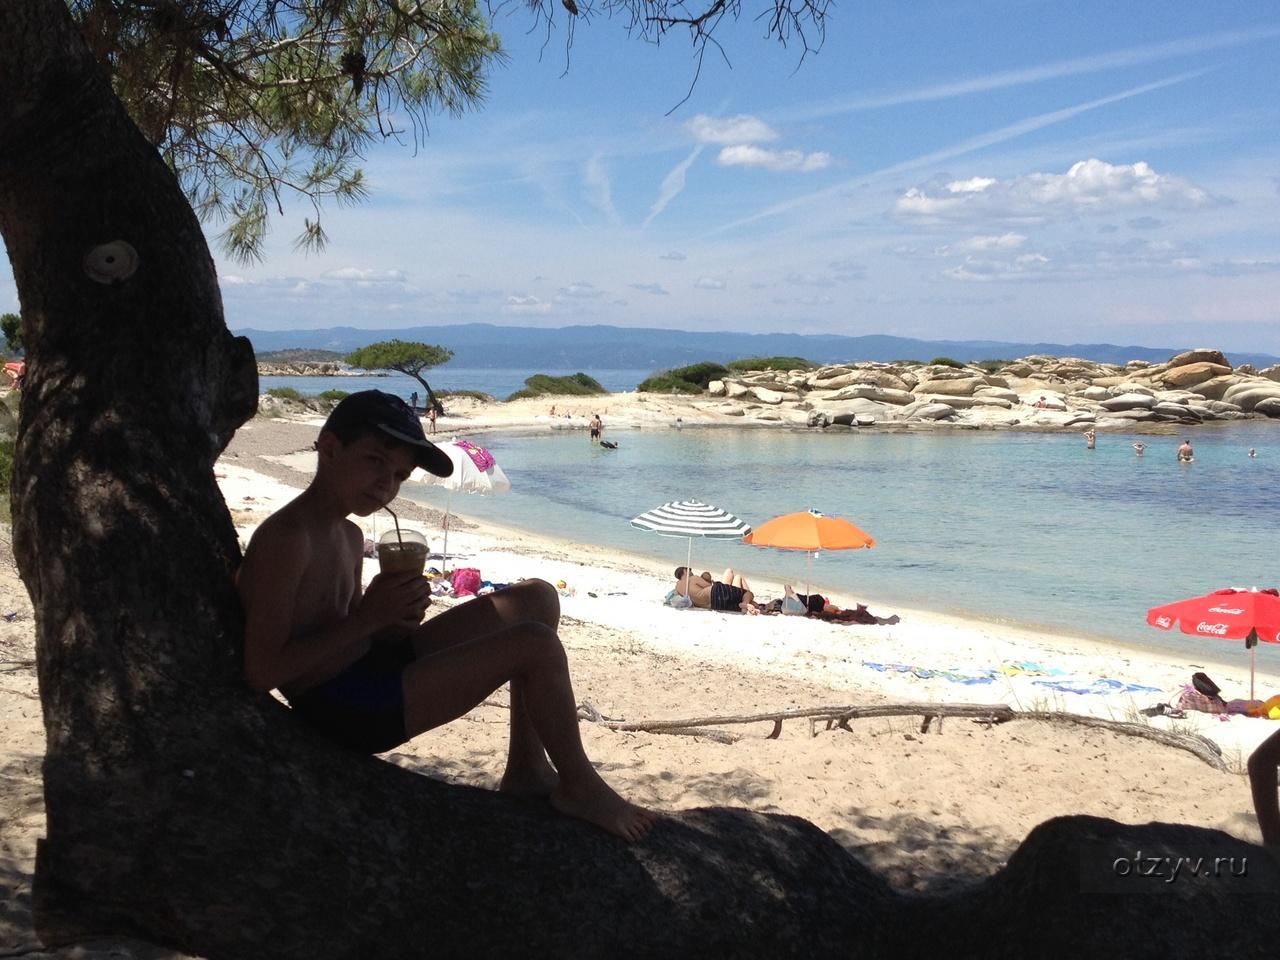 Нудизм Дети  10 Консультант по вопросам самостоятельного отдыха с детьми в Греции (Халкидики, Крит)